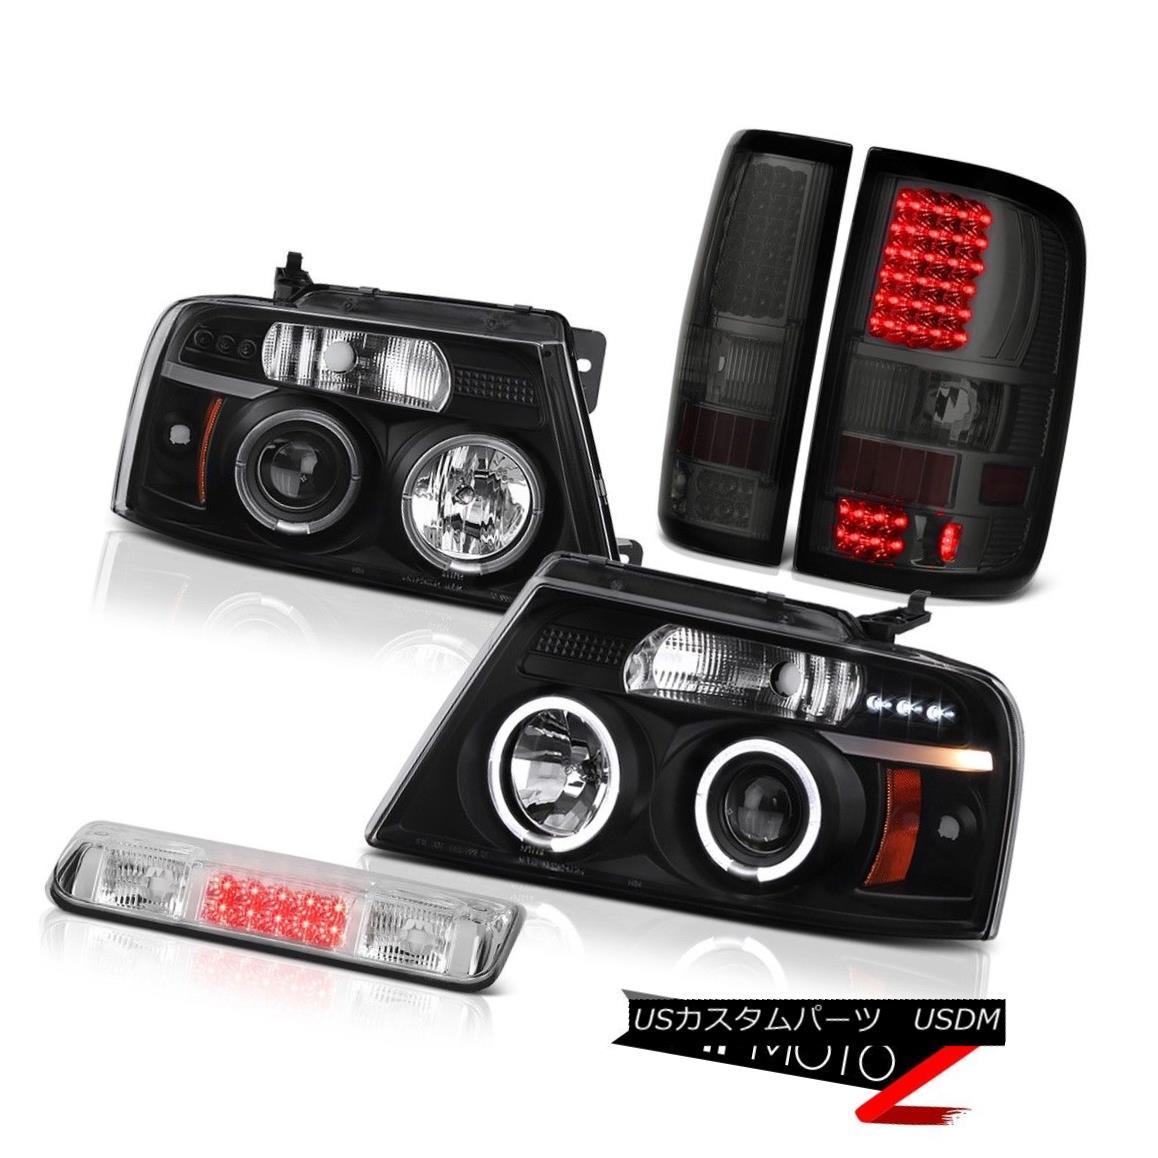 テールライト 04-08 Ford F150 King Ranch Roof Cab Light Smokey Tail Lamps Headlamps Dual Halo 04-08 Ford F150キングランチルーフキャブライトスモーキーテールランプヘッドランプデュアルヘイロー